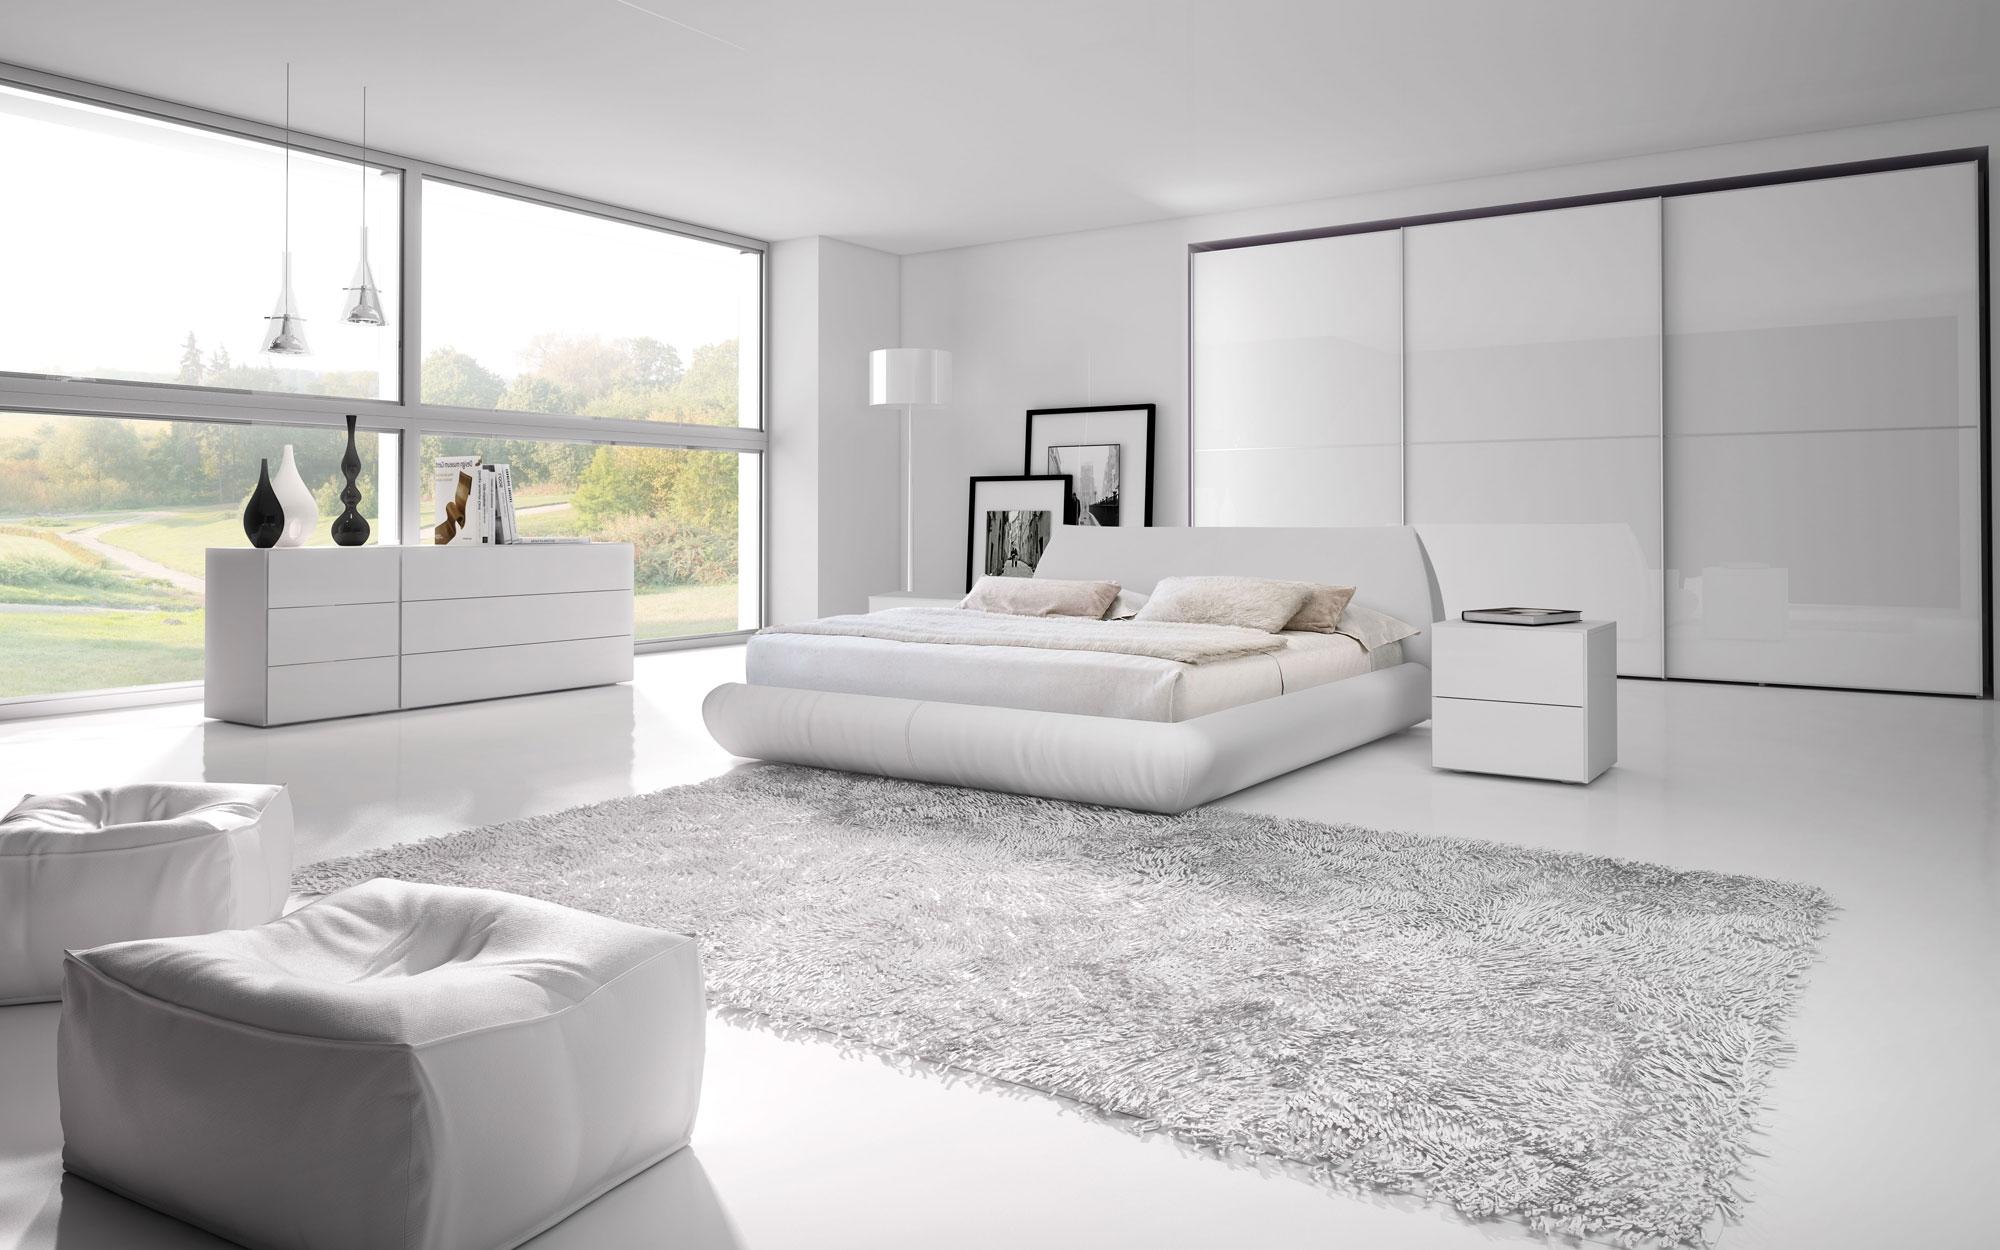 Letto nuvola matrimoniale moderno imbottiti letti a for Design moderno del letto